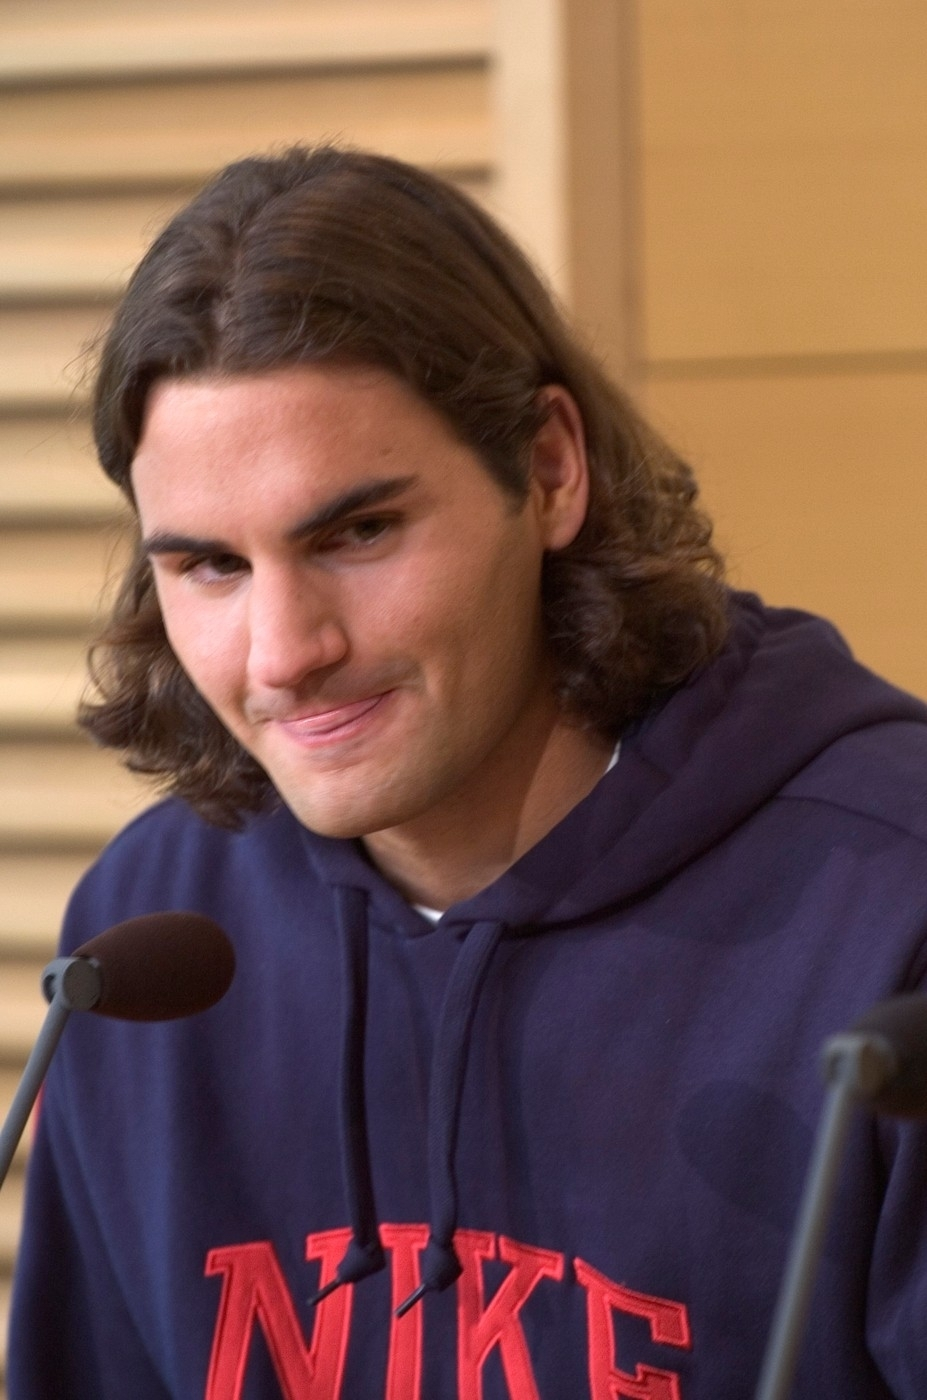 2004 - vlasáč Roger Federer na tiskové konferenci jako favorit French Open